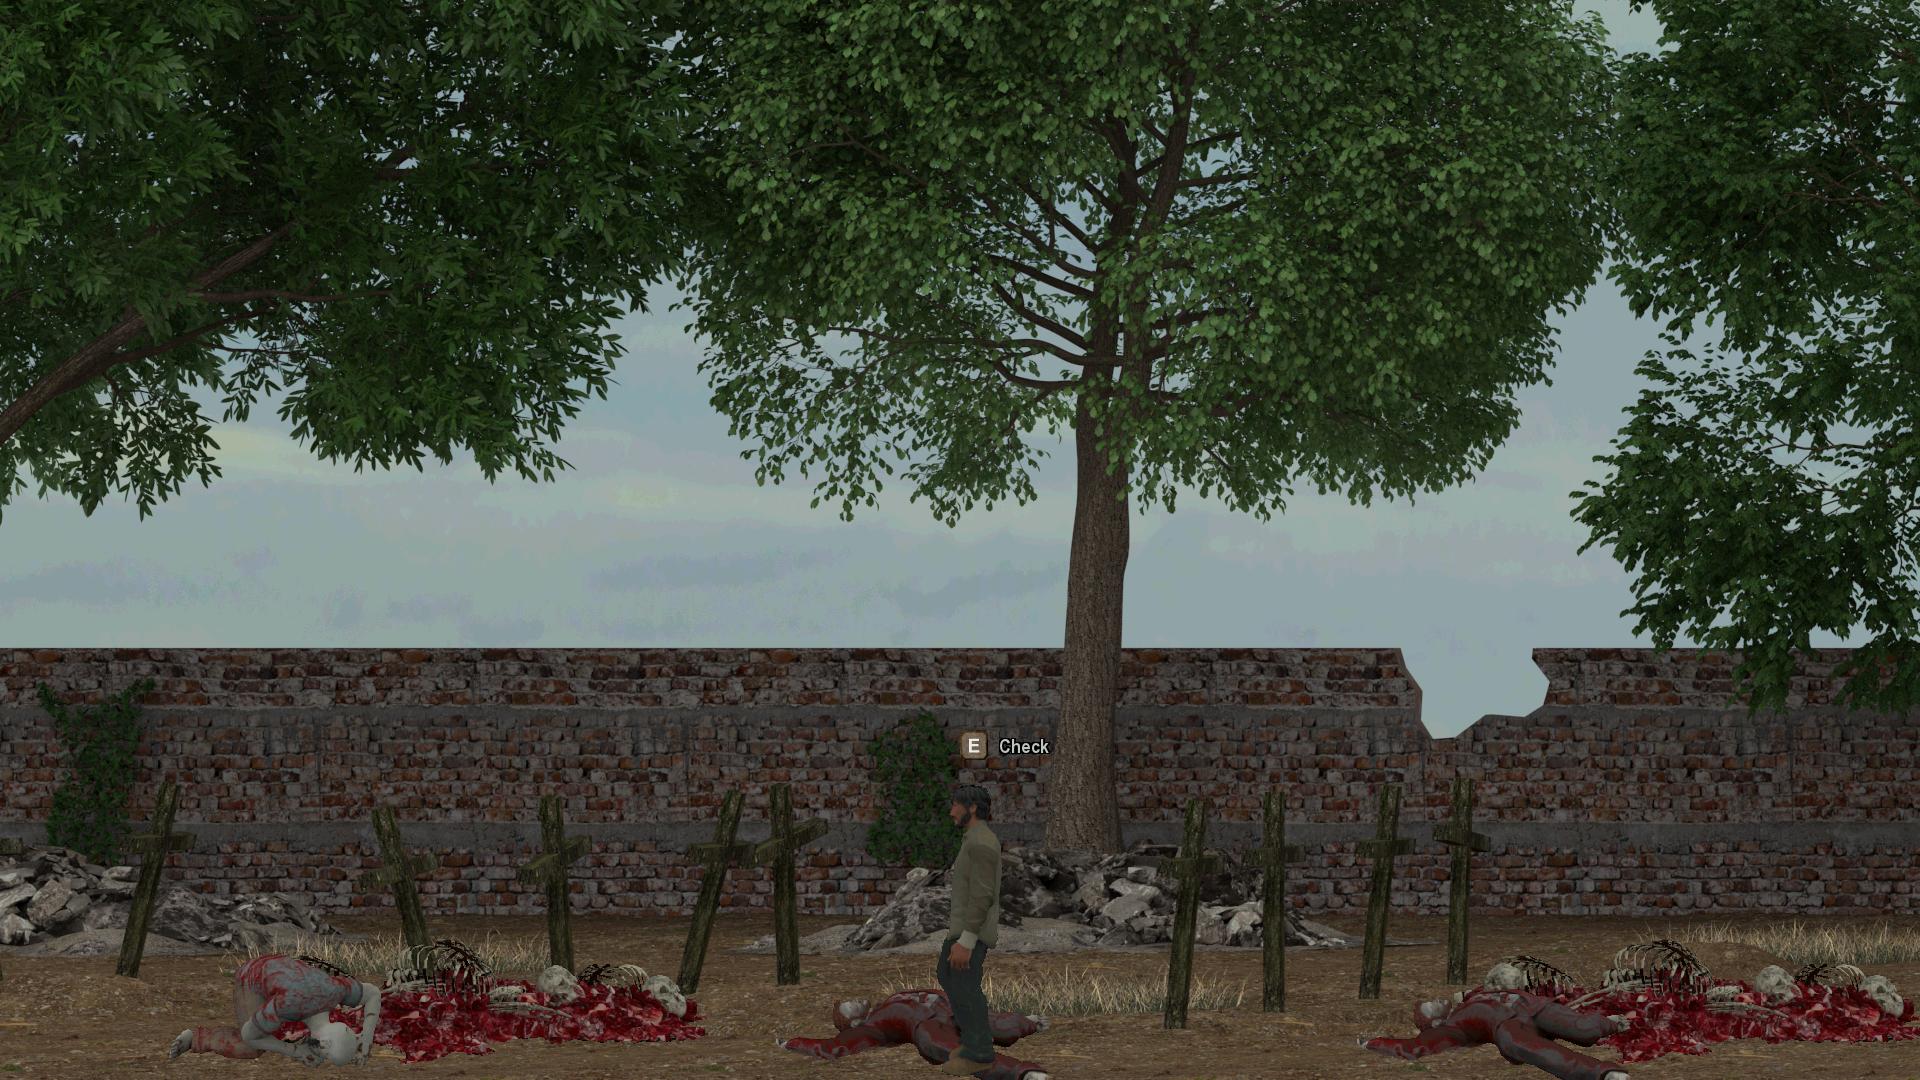 Screenshot 3 of Herd is Coming width=